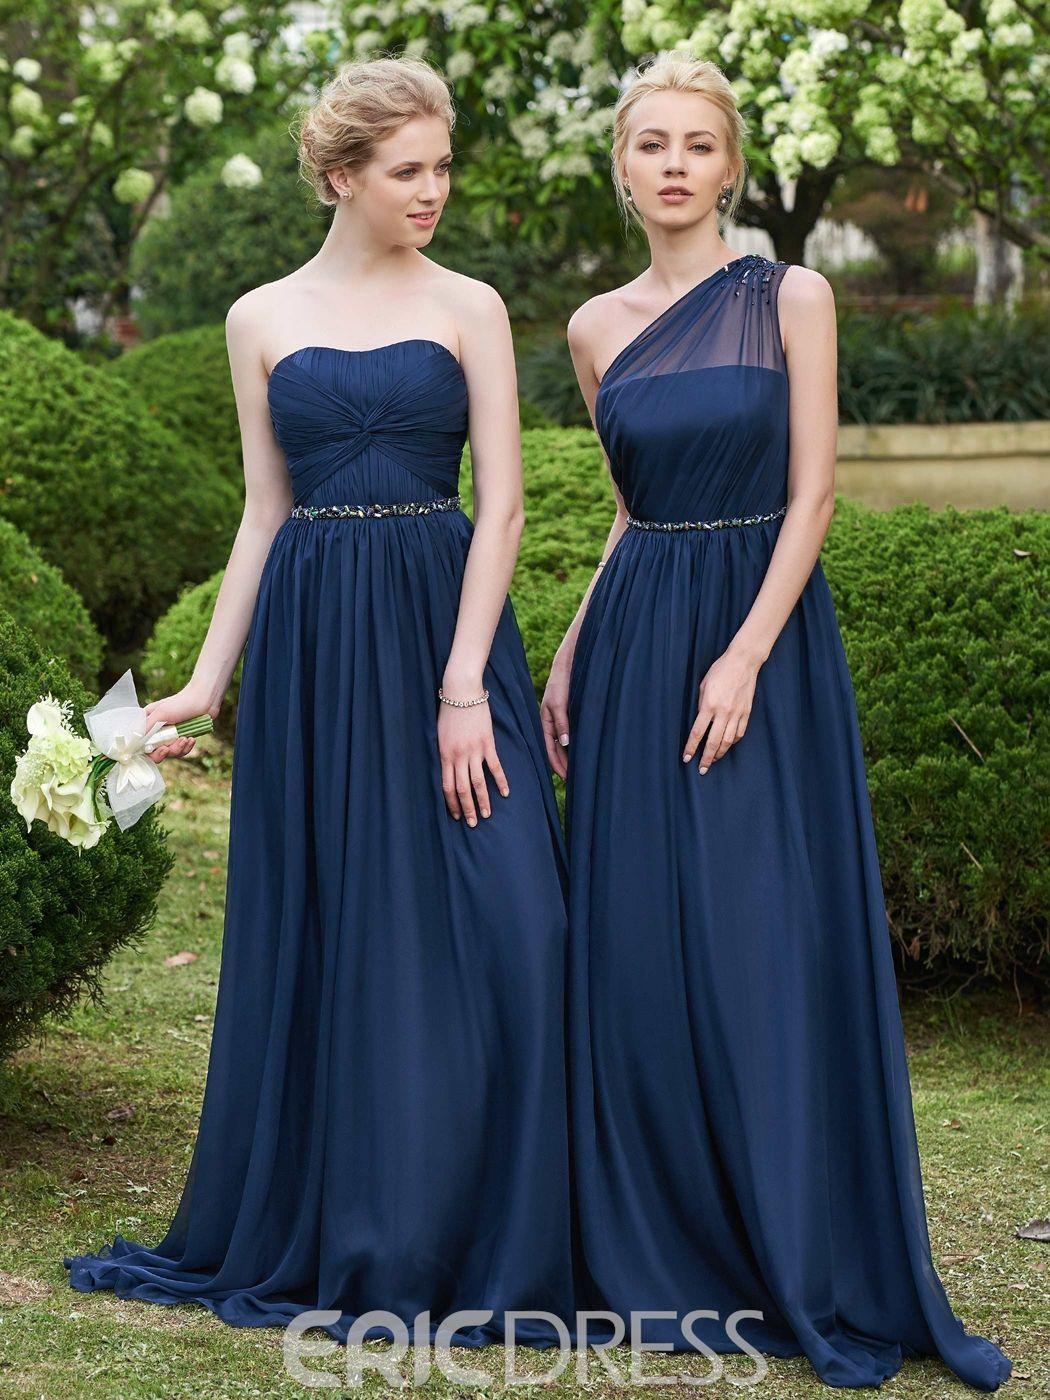 db8bb8f1d75 Ericdress alta calidad largo de Dama de honor vestido 12142682 - Ericdress .com